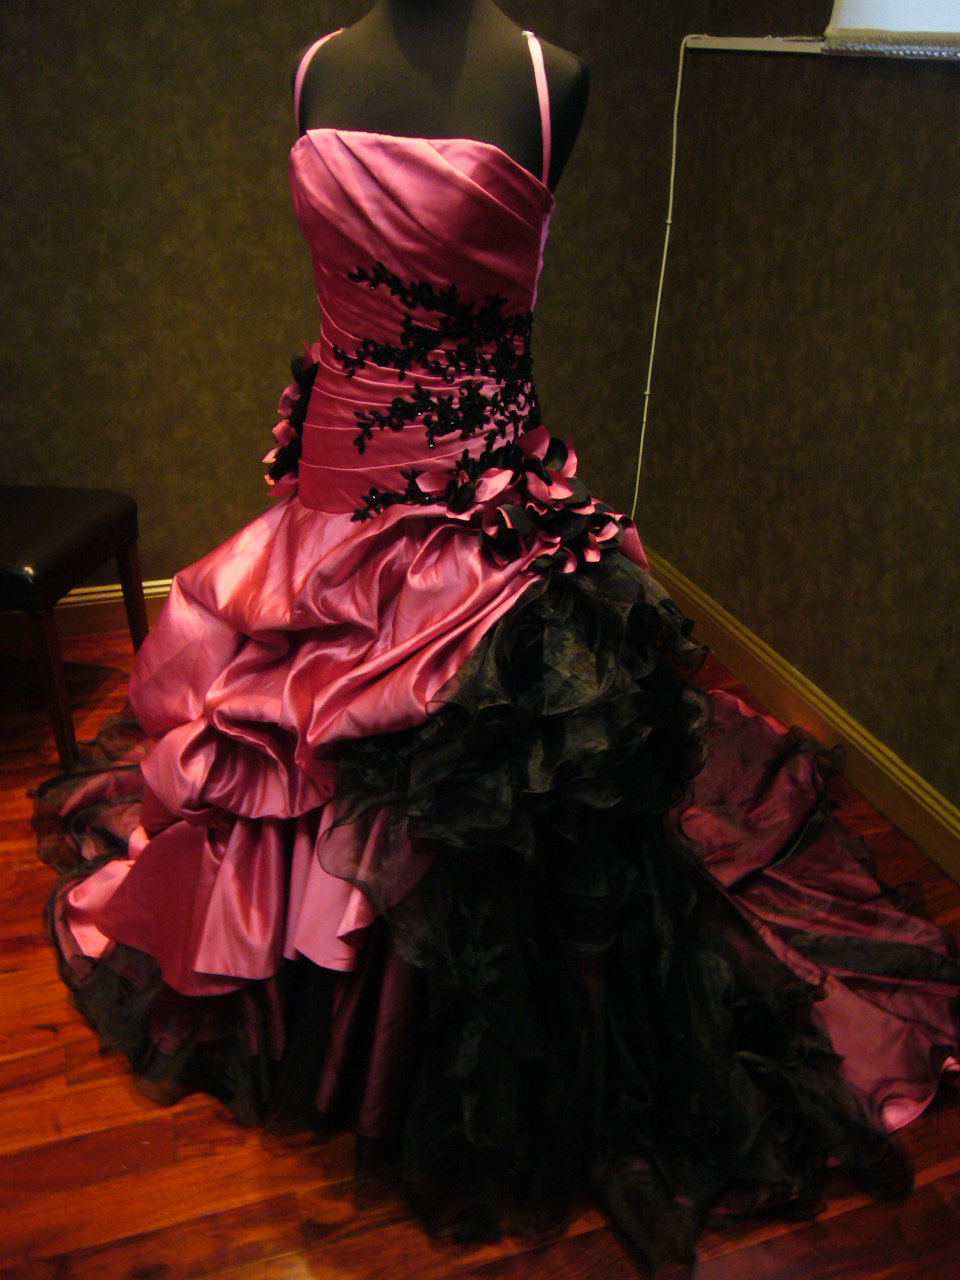 red gothic wedding dress Beetlejuice Lydia Deetz s Red Gothic Wedding Dress Halloween Party with Tim Burton